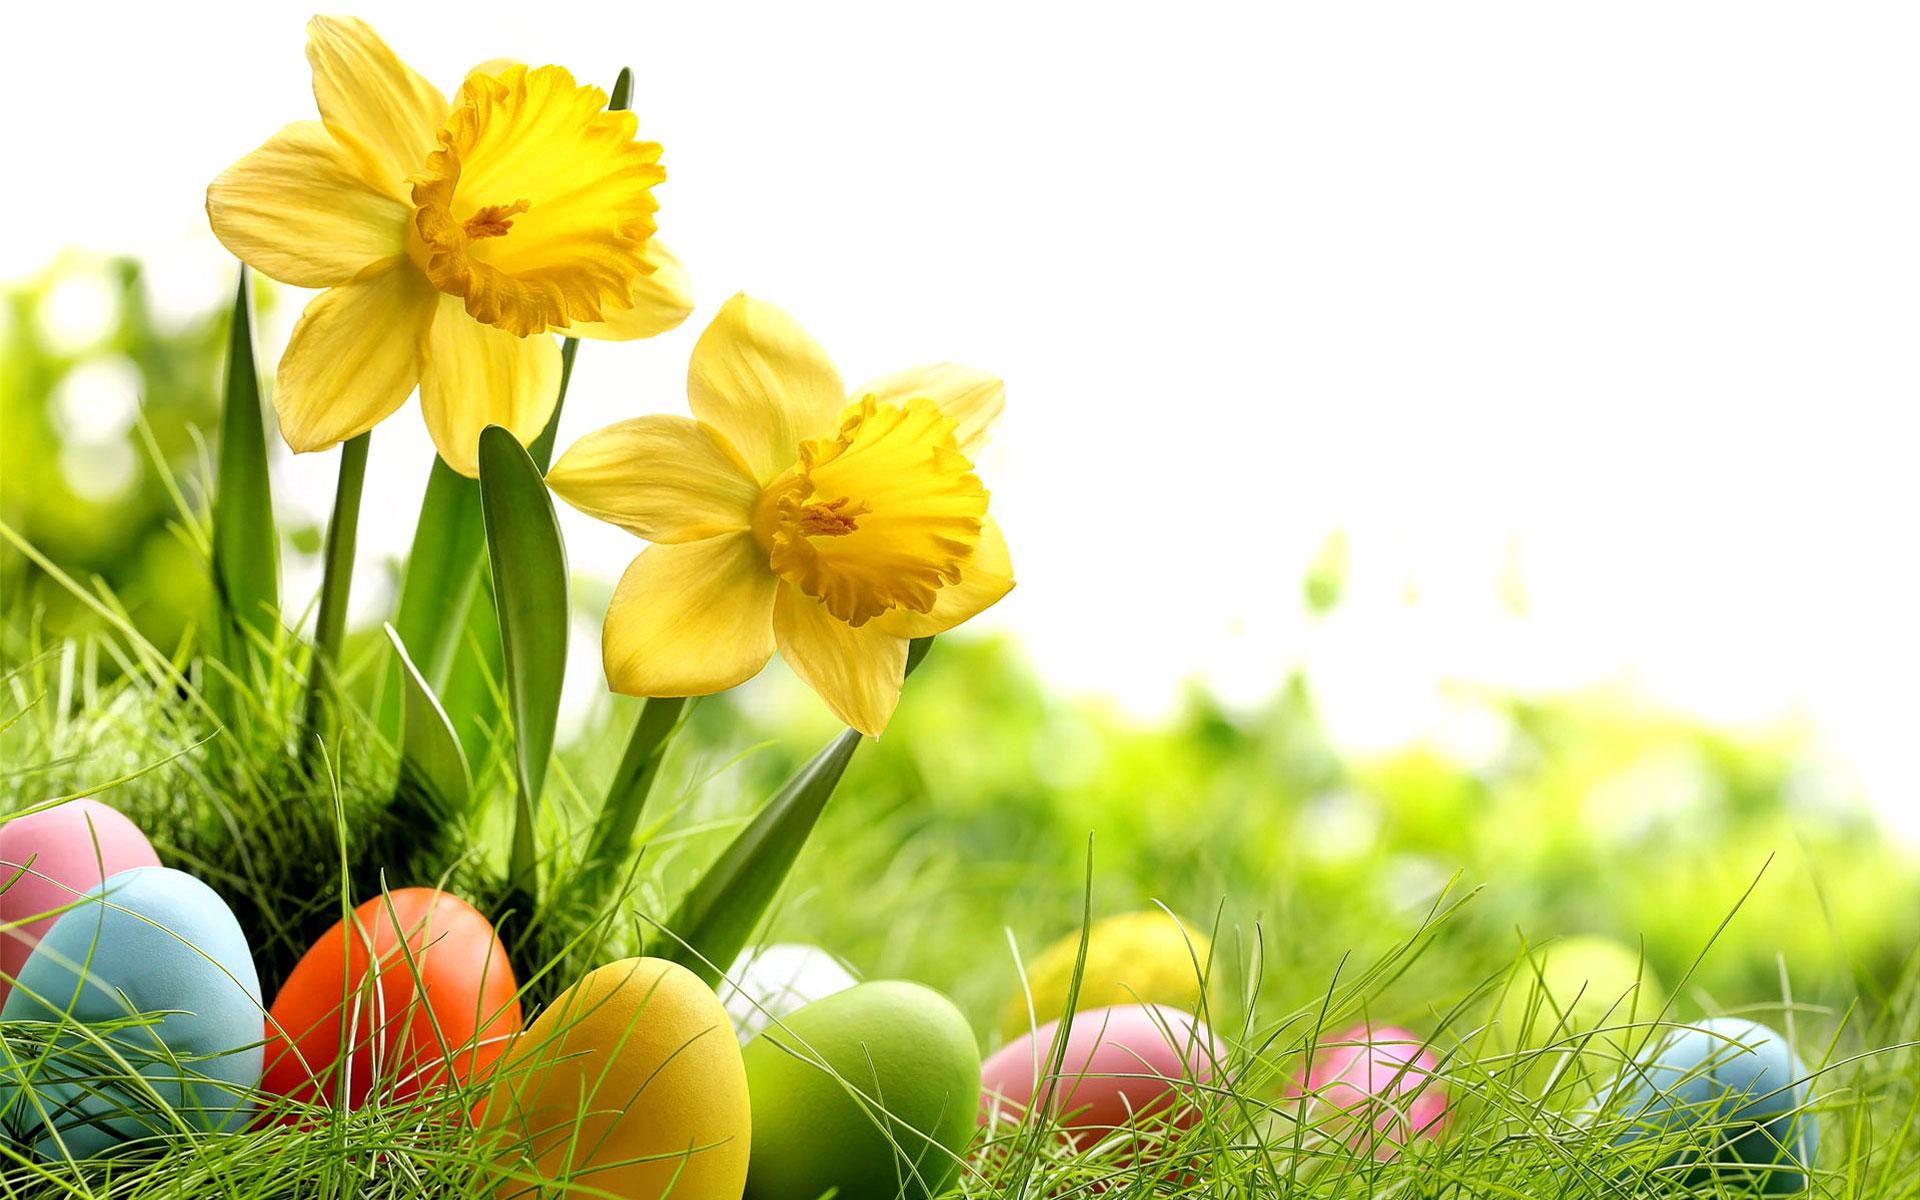 Háttérképek: Húsvét, Húsvéti tojás, nyuszi / Aniel wallpapers